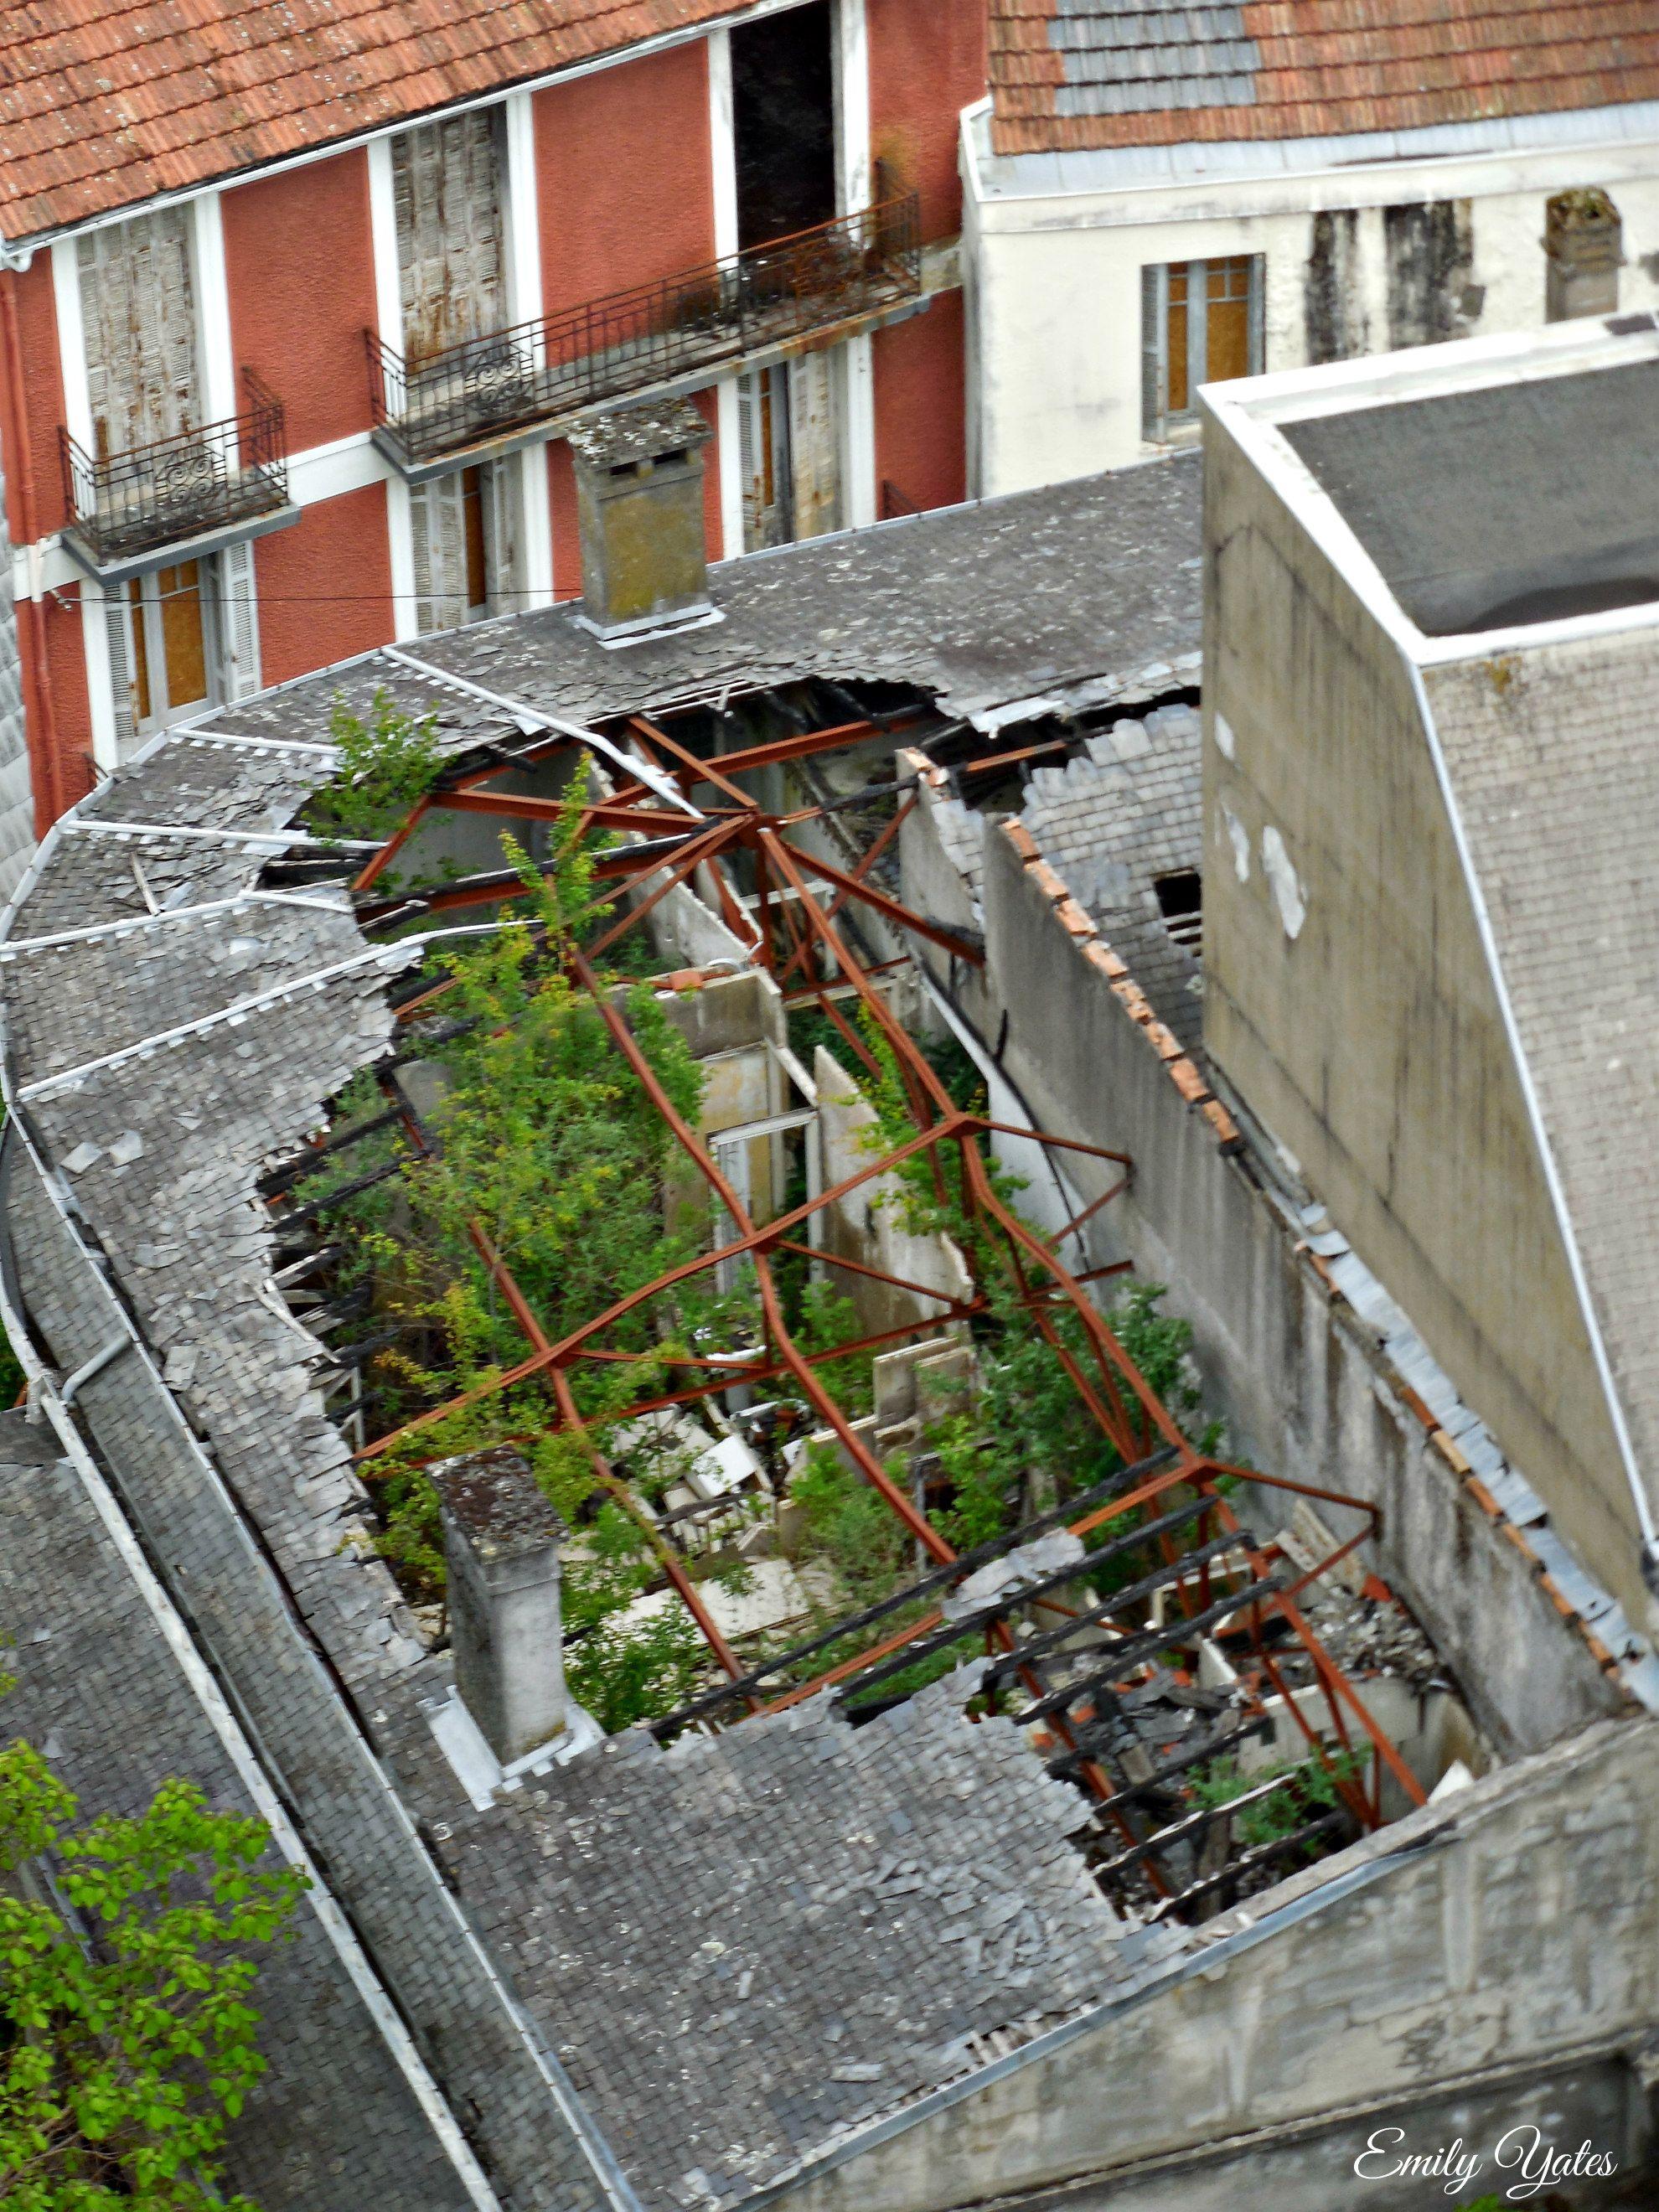 Broken Roof Garden Area In Lourdes France Roof Garden Lourdes France Outdoor